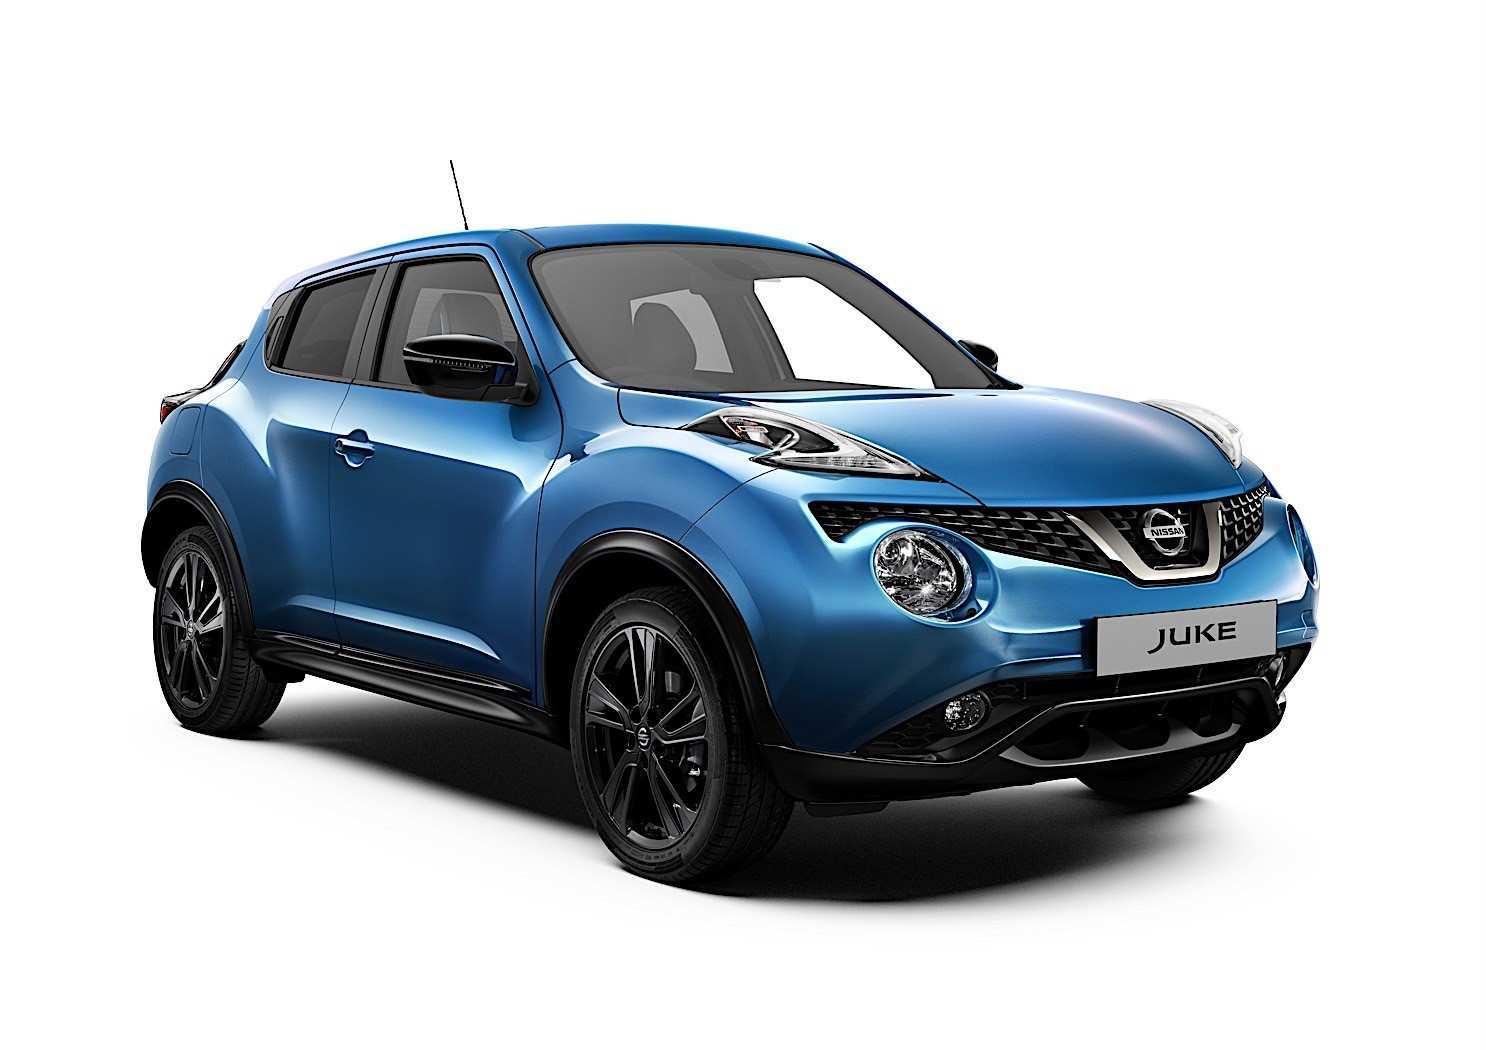 76 Great 2020 Nissan Juke 2018 Performance by 2020 Nissan Juke 2018